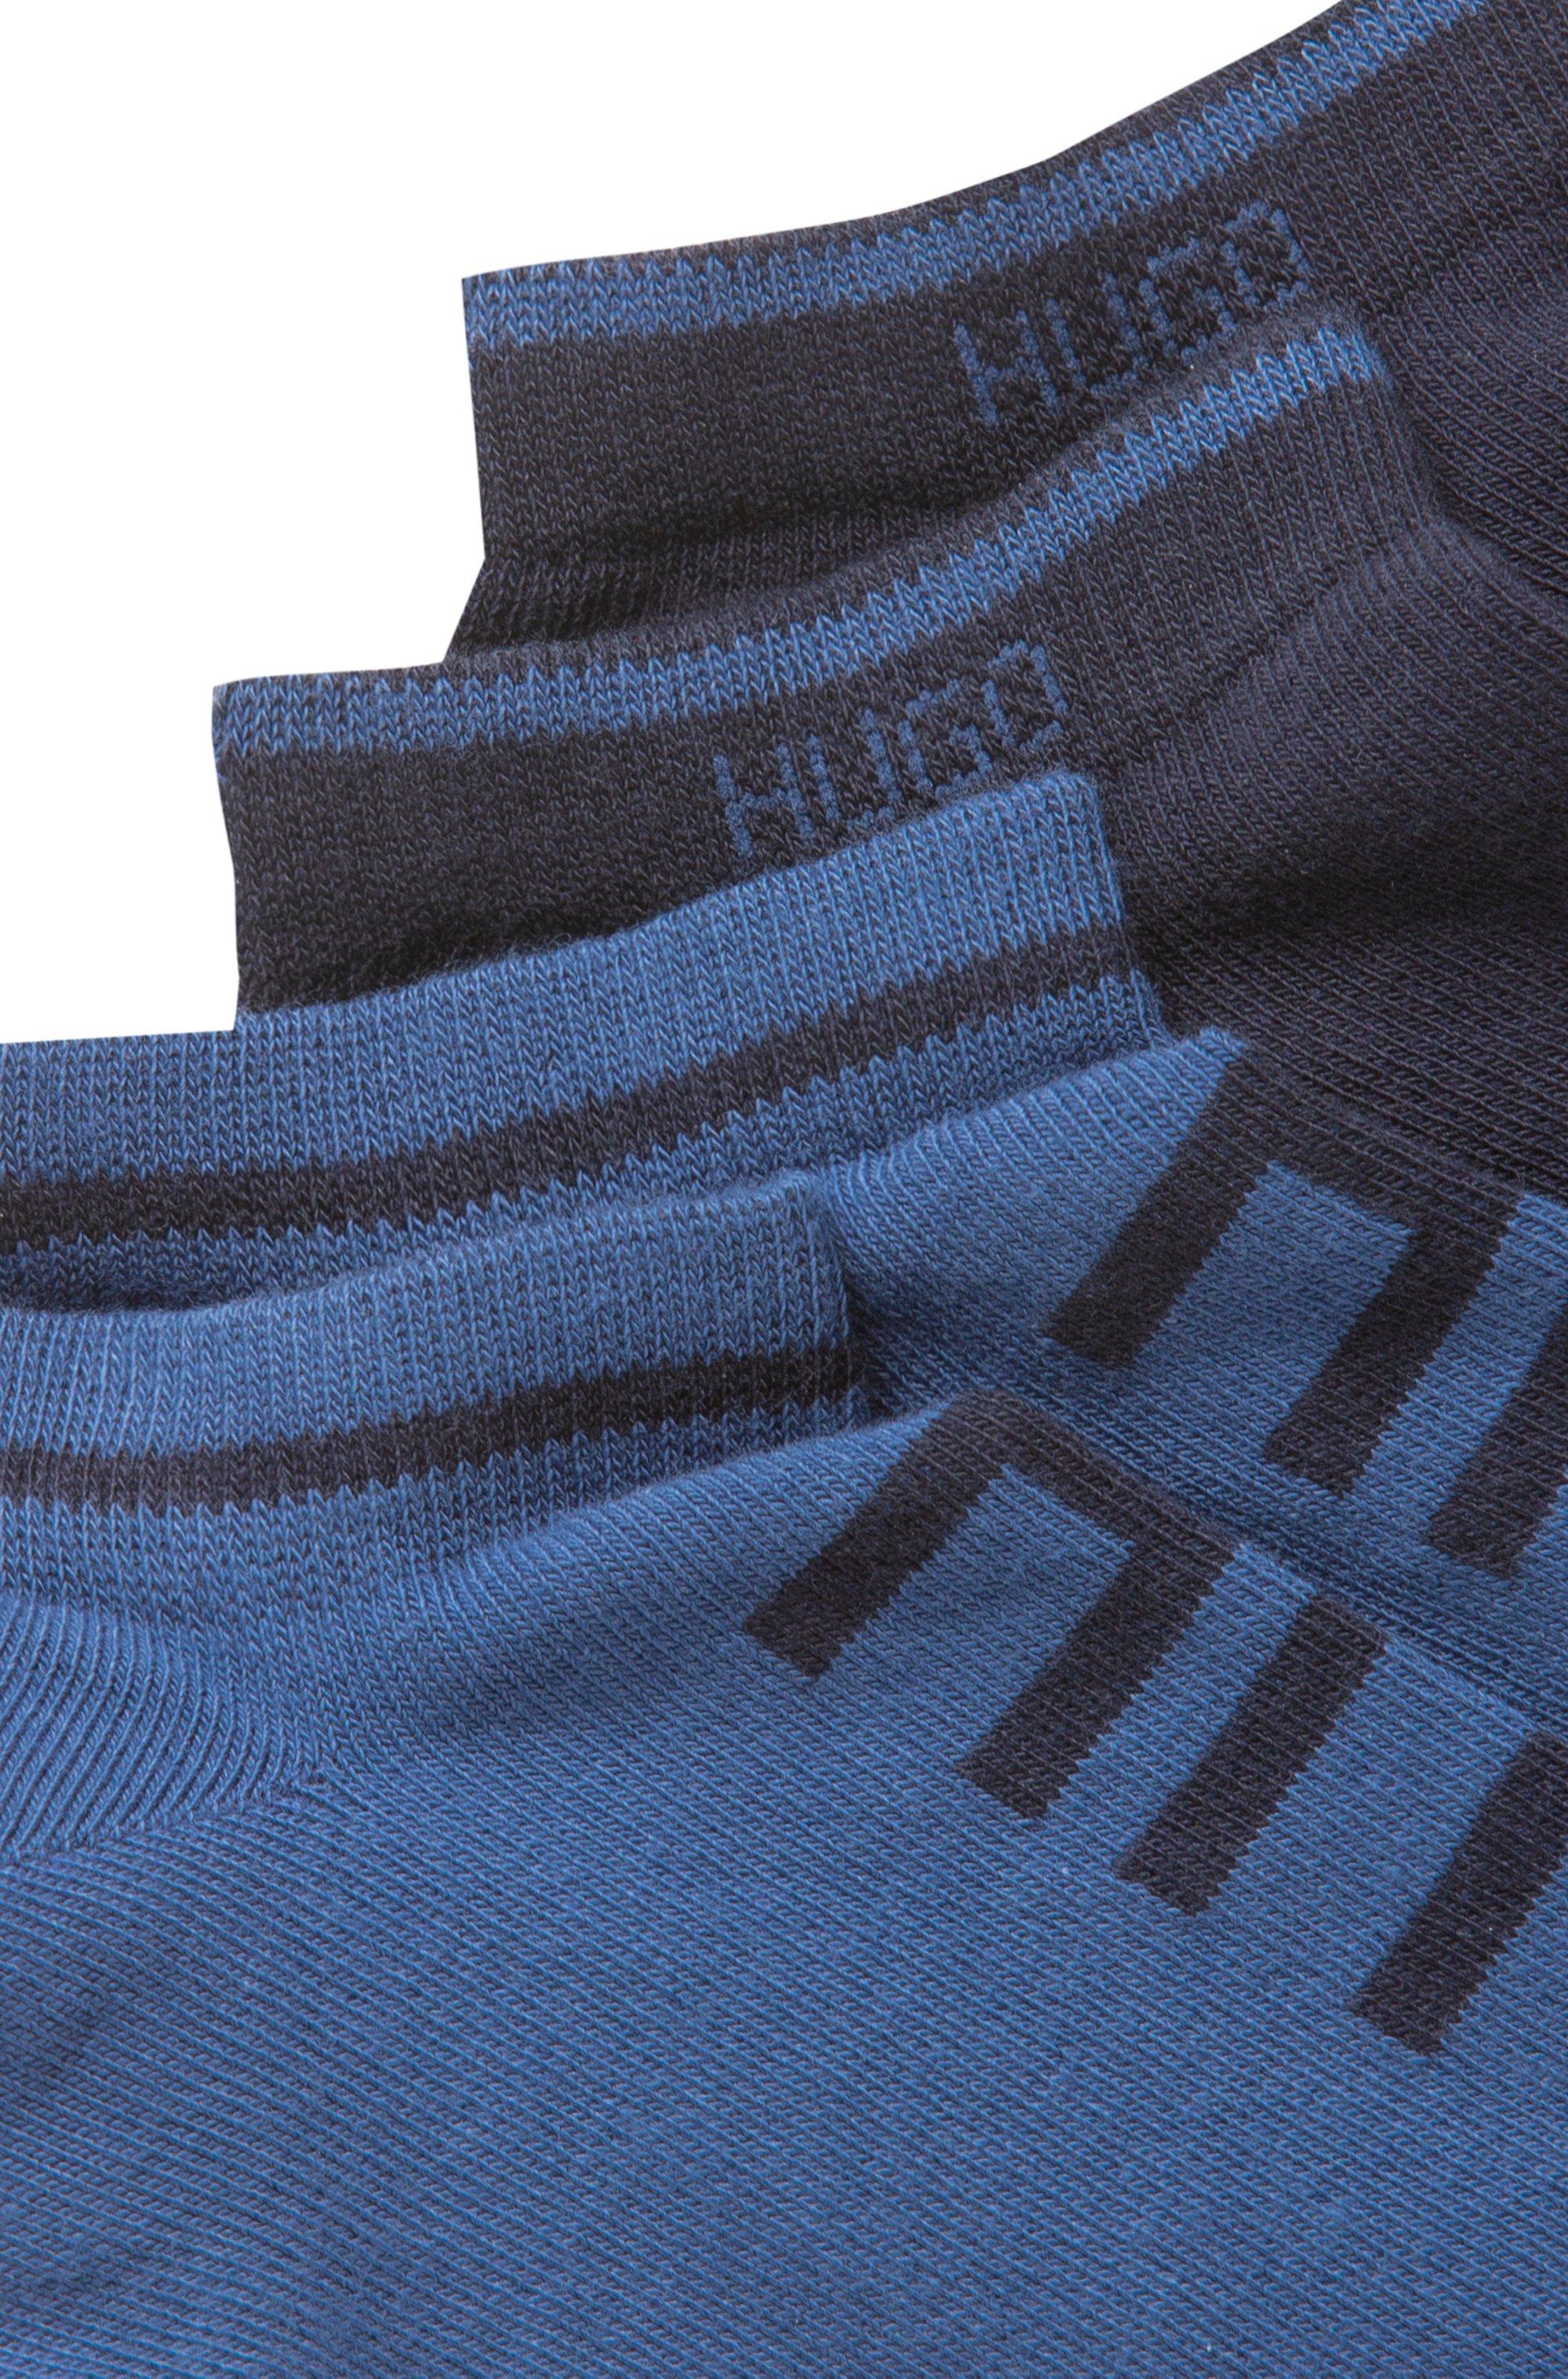 Lot de deux paires de chaussettes basses en coton mélangé